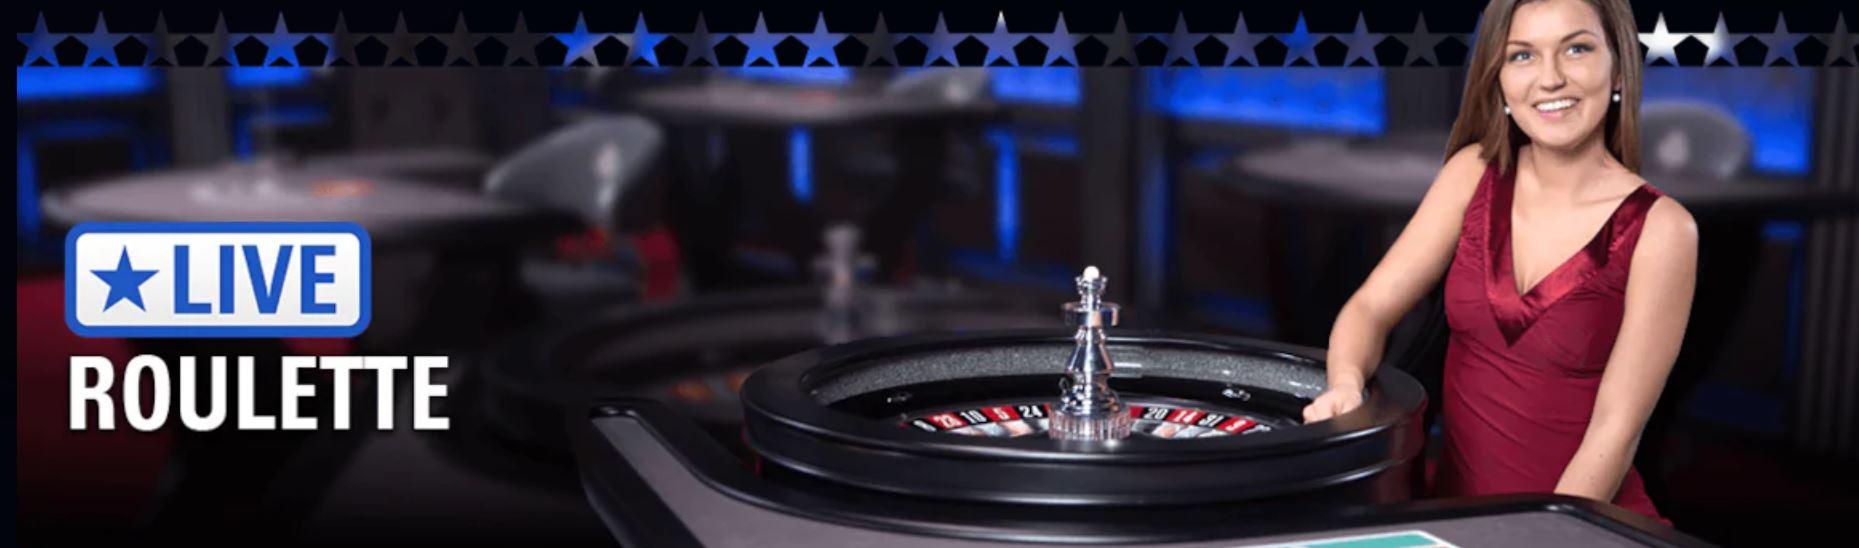 Accede a las promociones de tu casino desde Casino Haul.